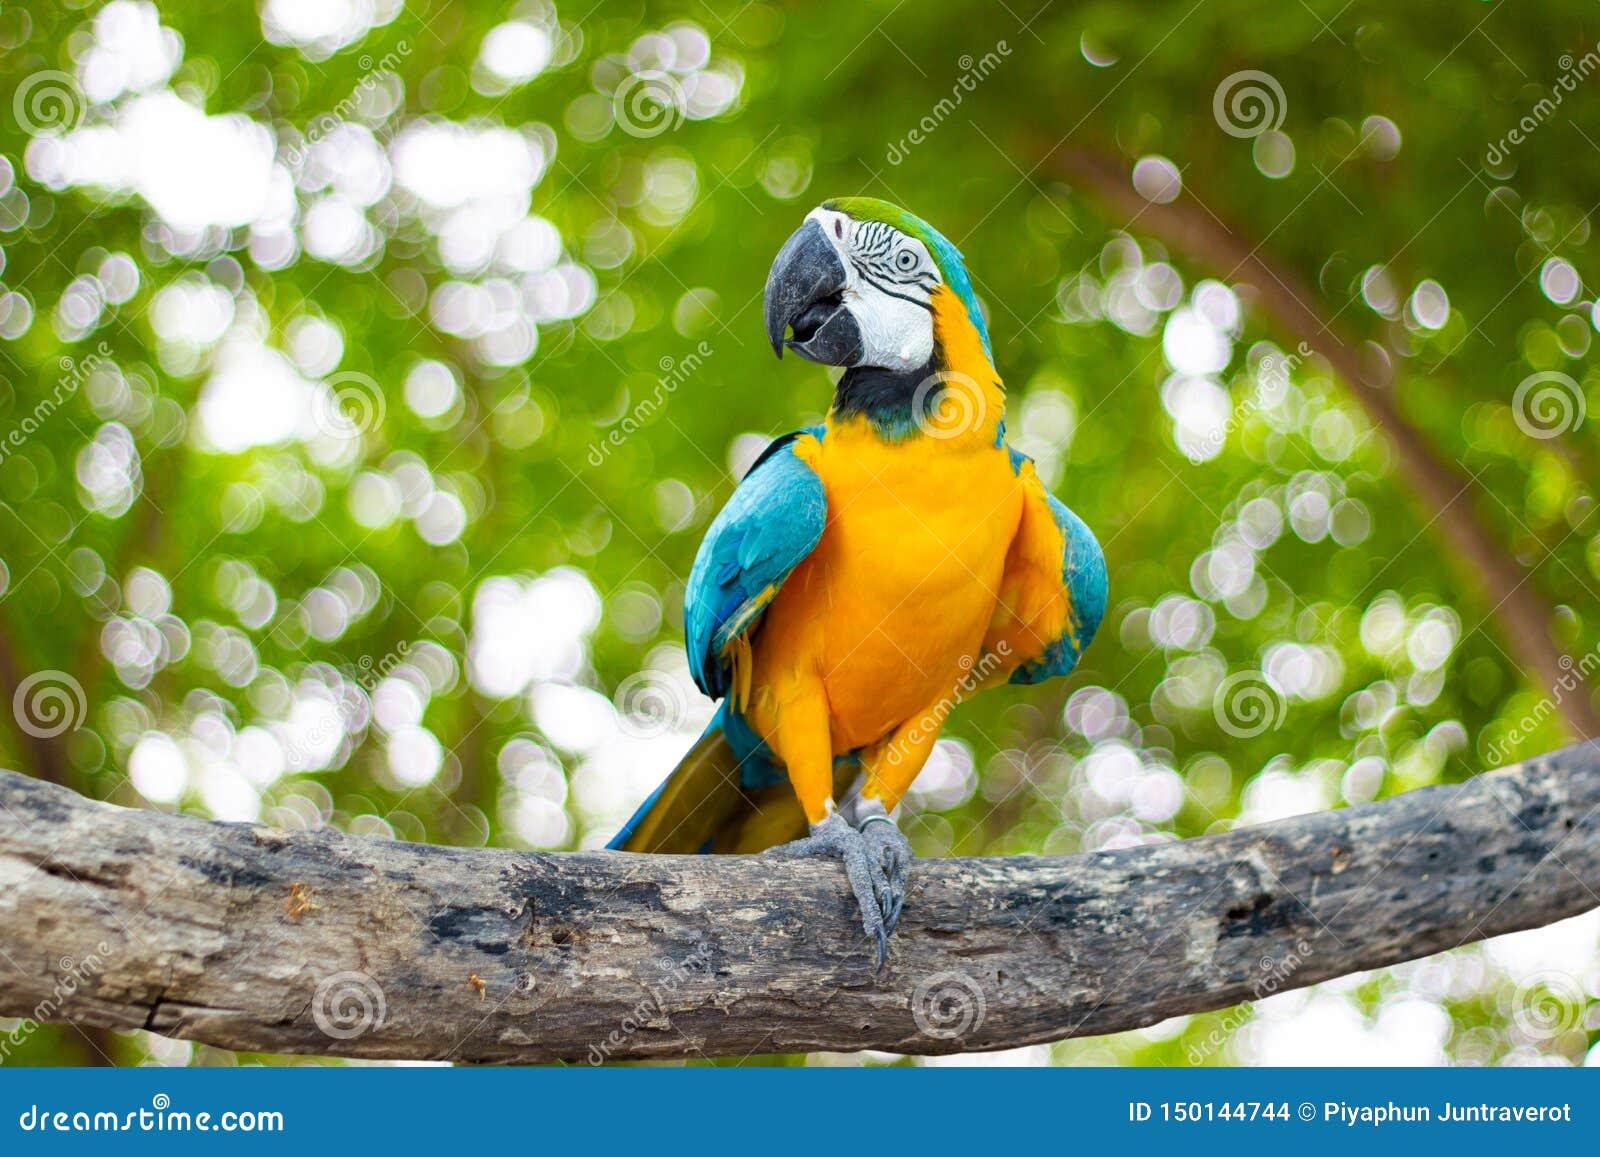 Posição azul e amarela do pássaro da arara em ramos